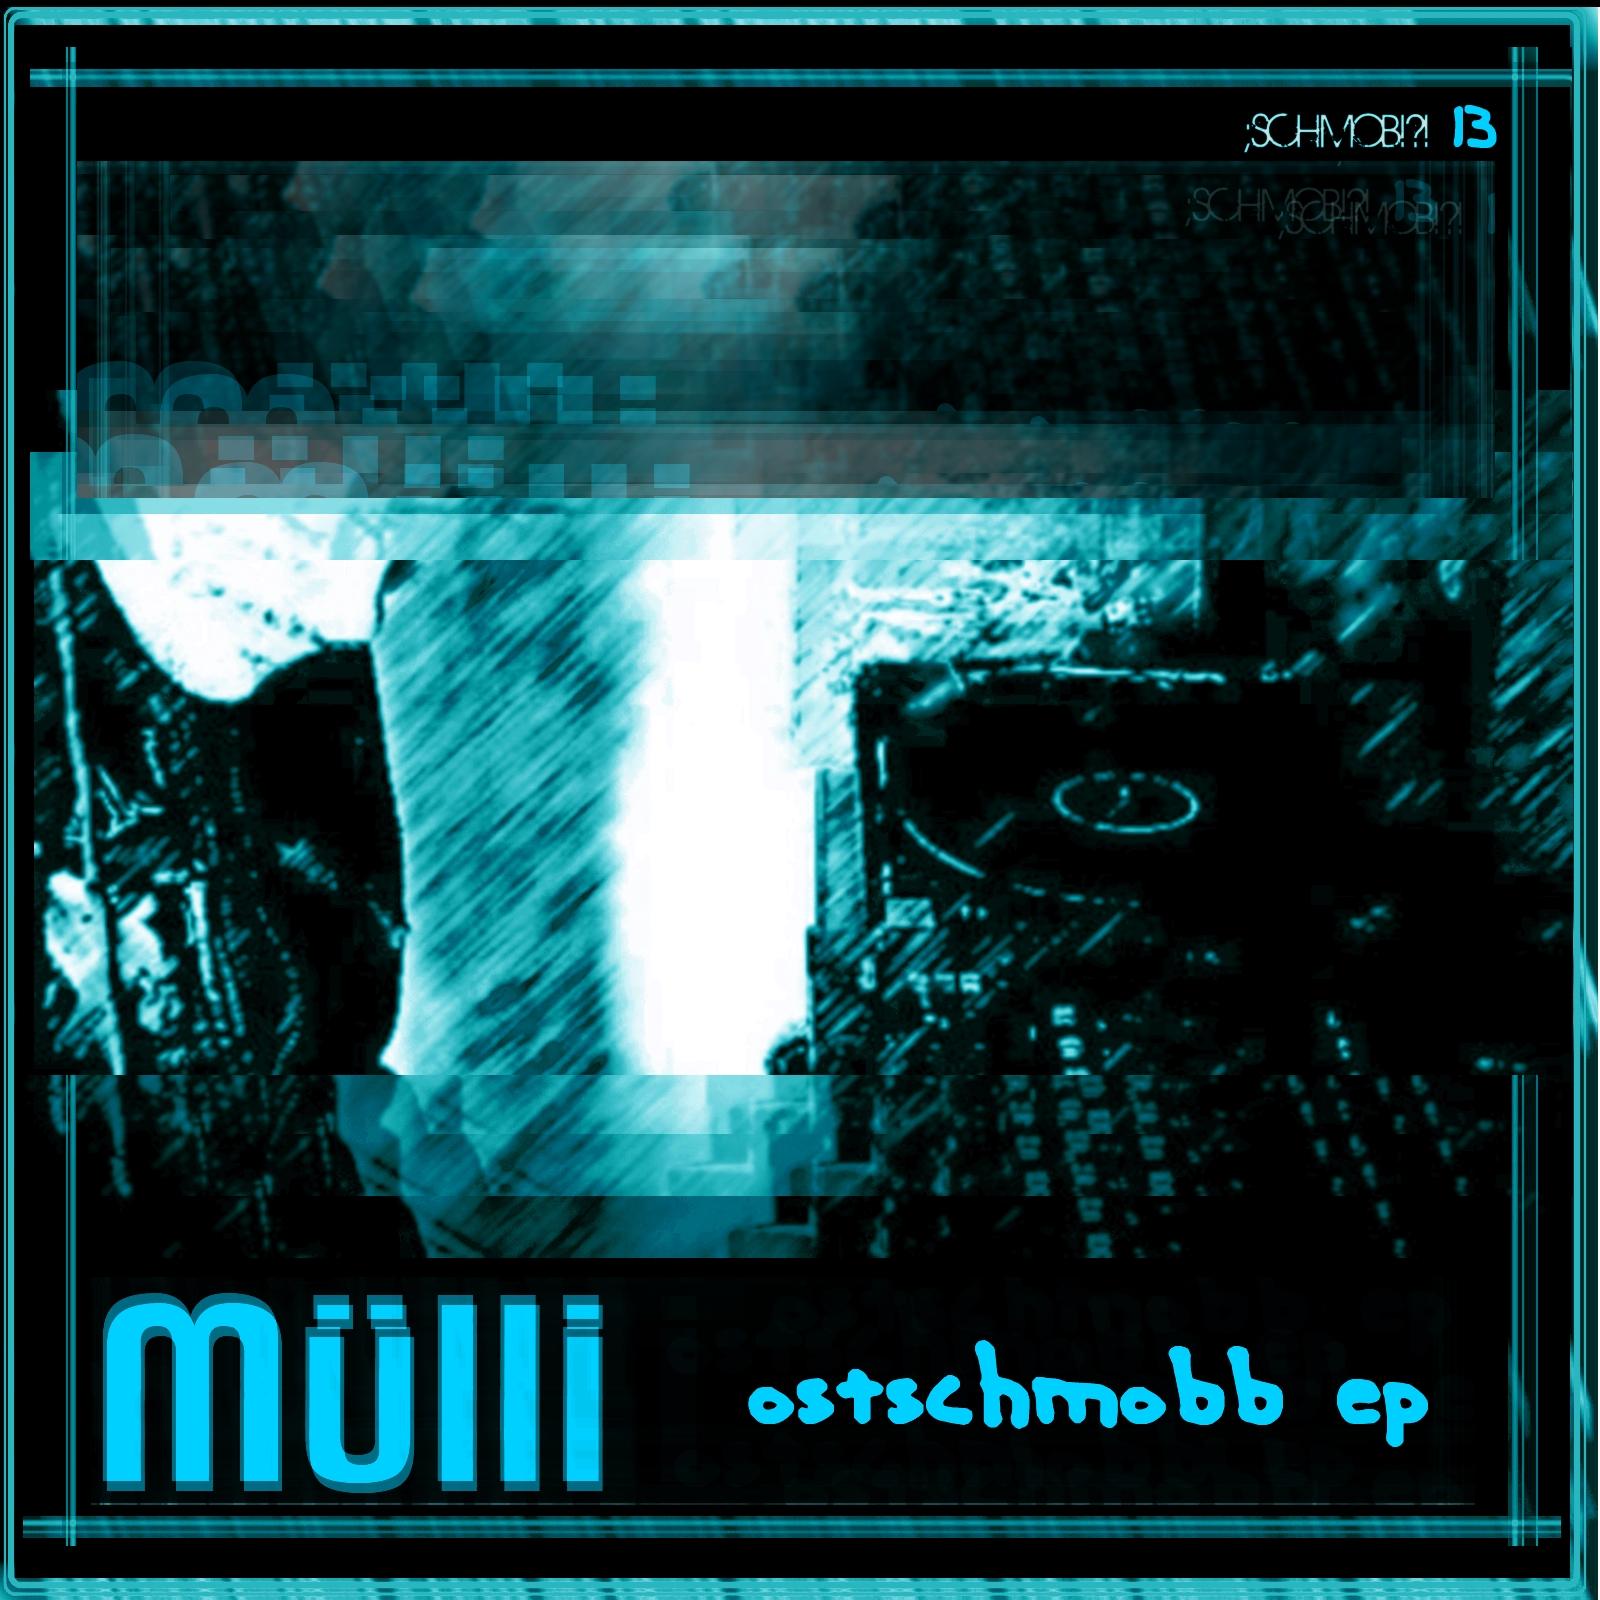 Mülli – Ostschmobb EP